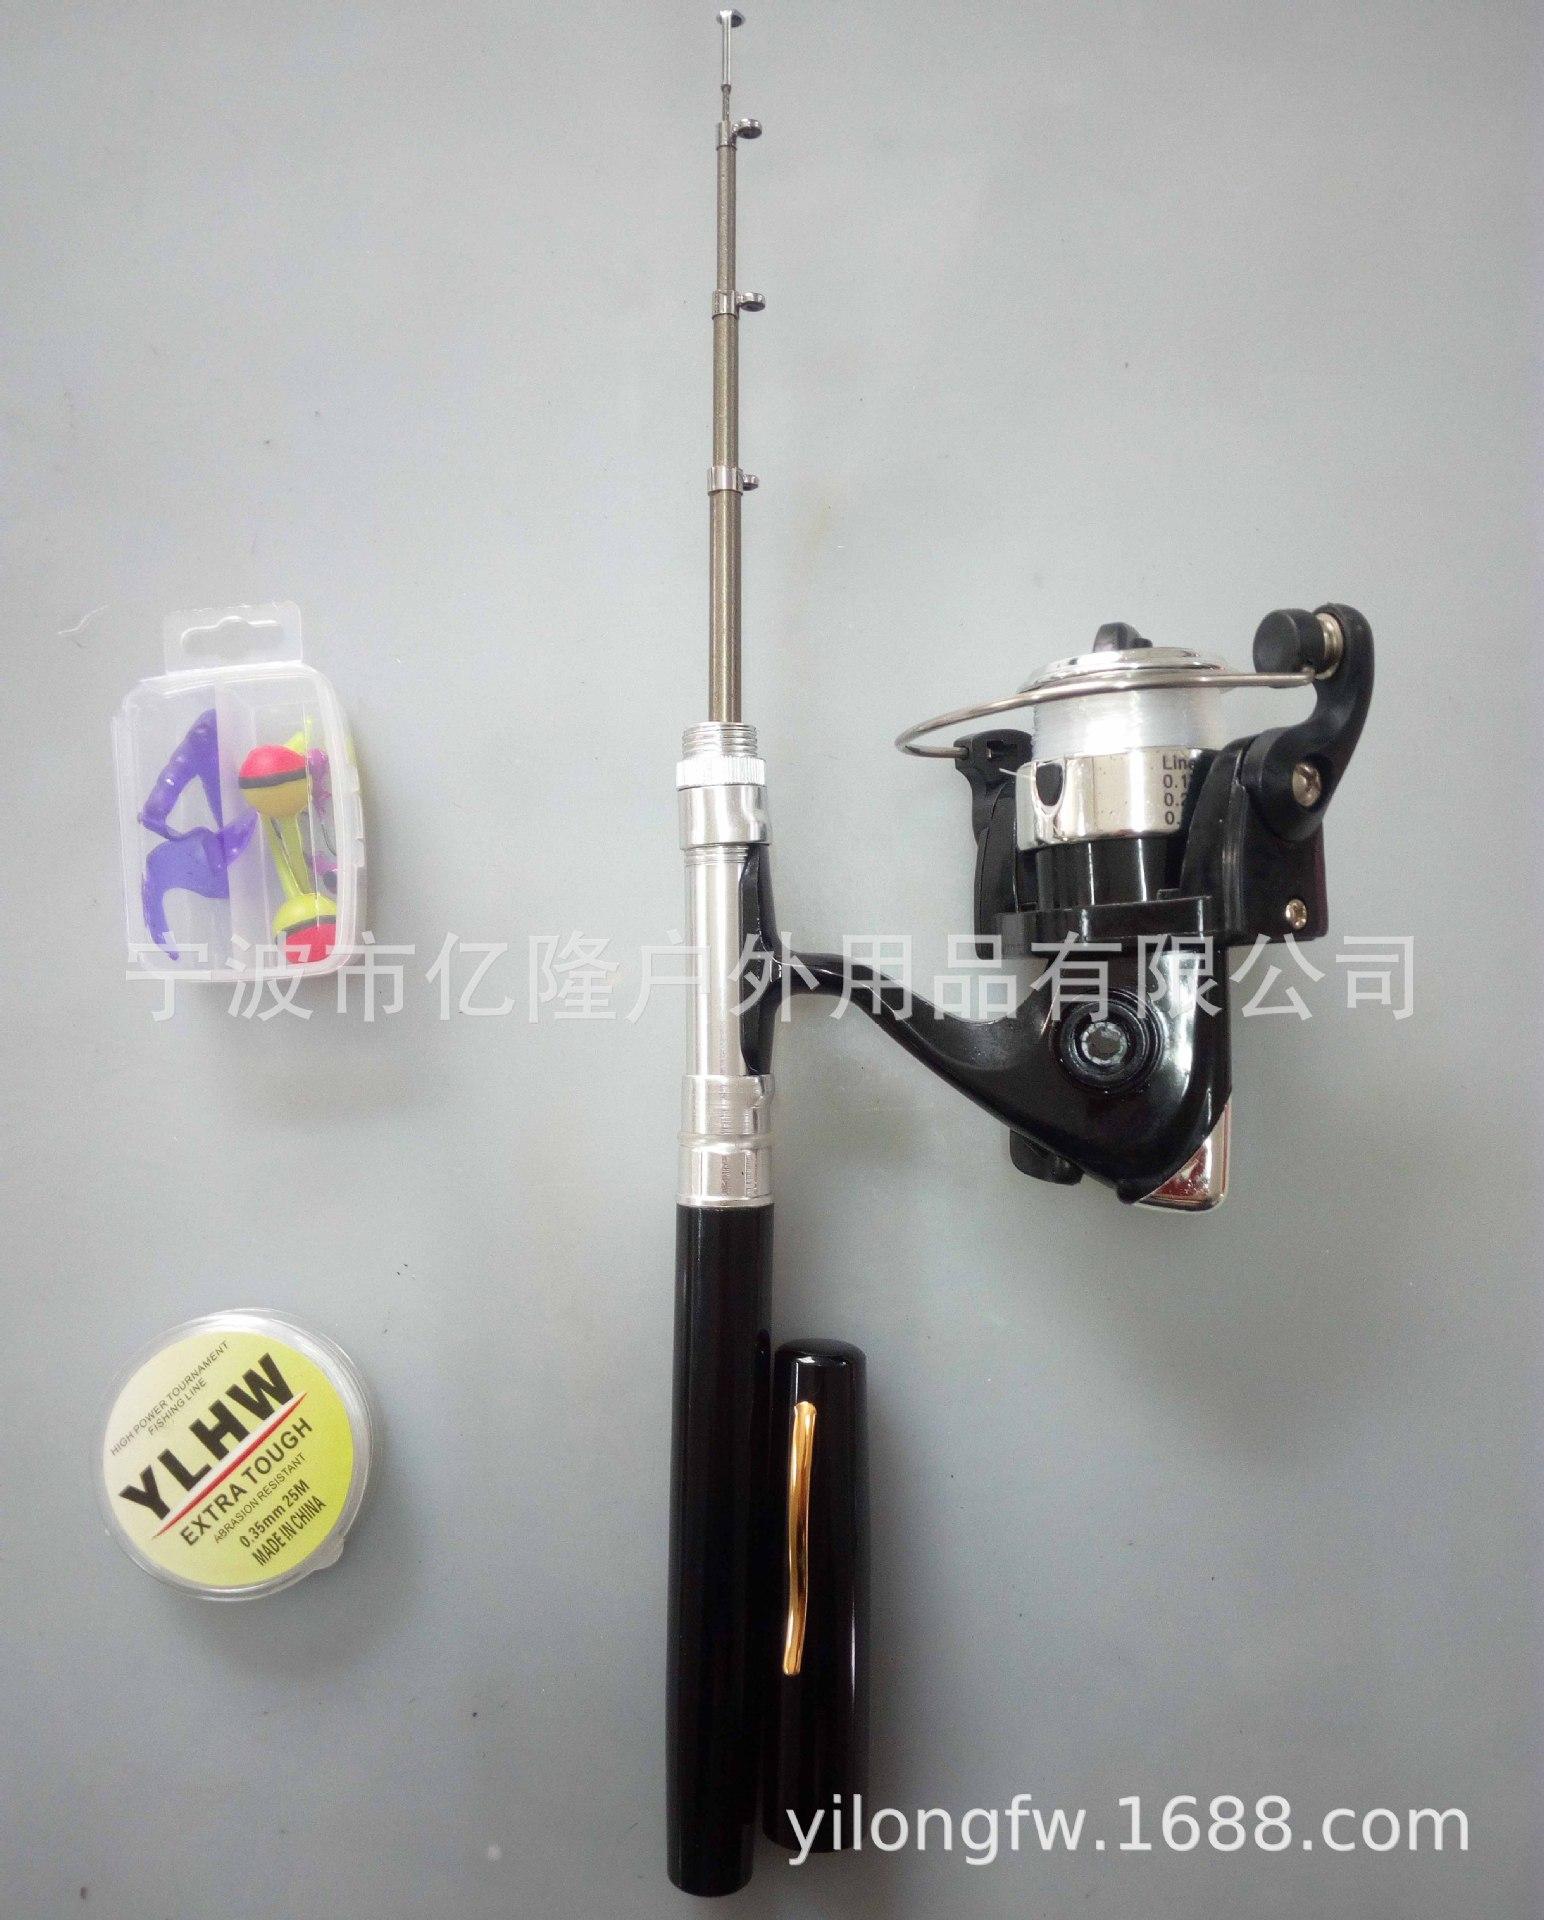 工厂直销纺车式钢笔鱼竿套装 迷你渔杆sets of  pen fishing rod